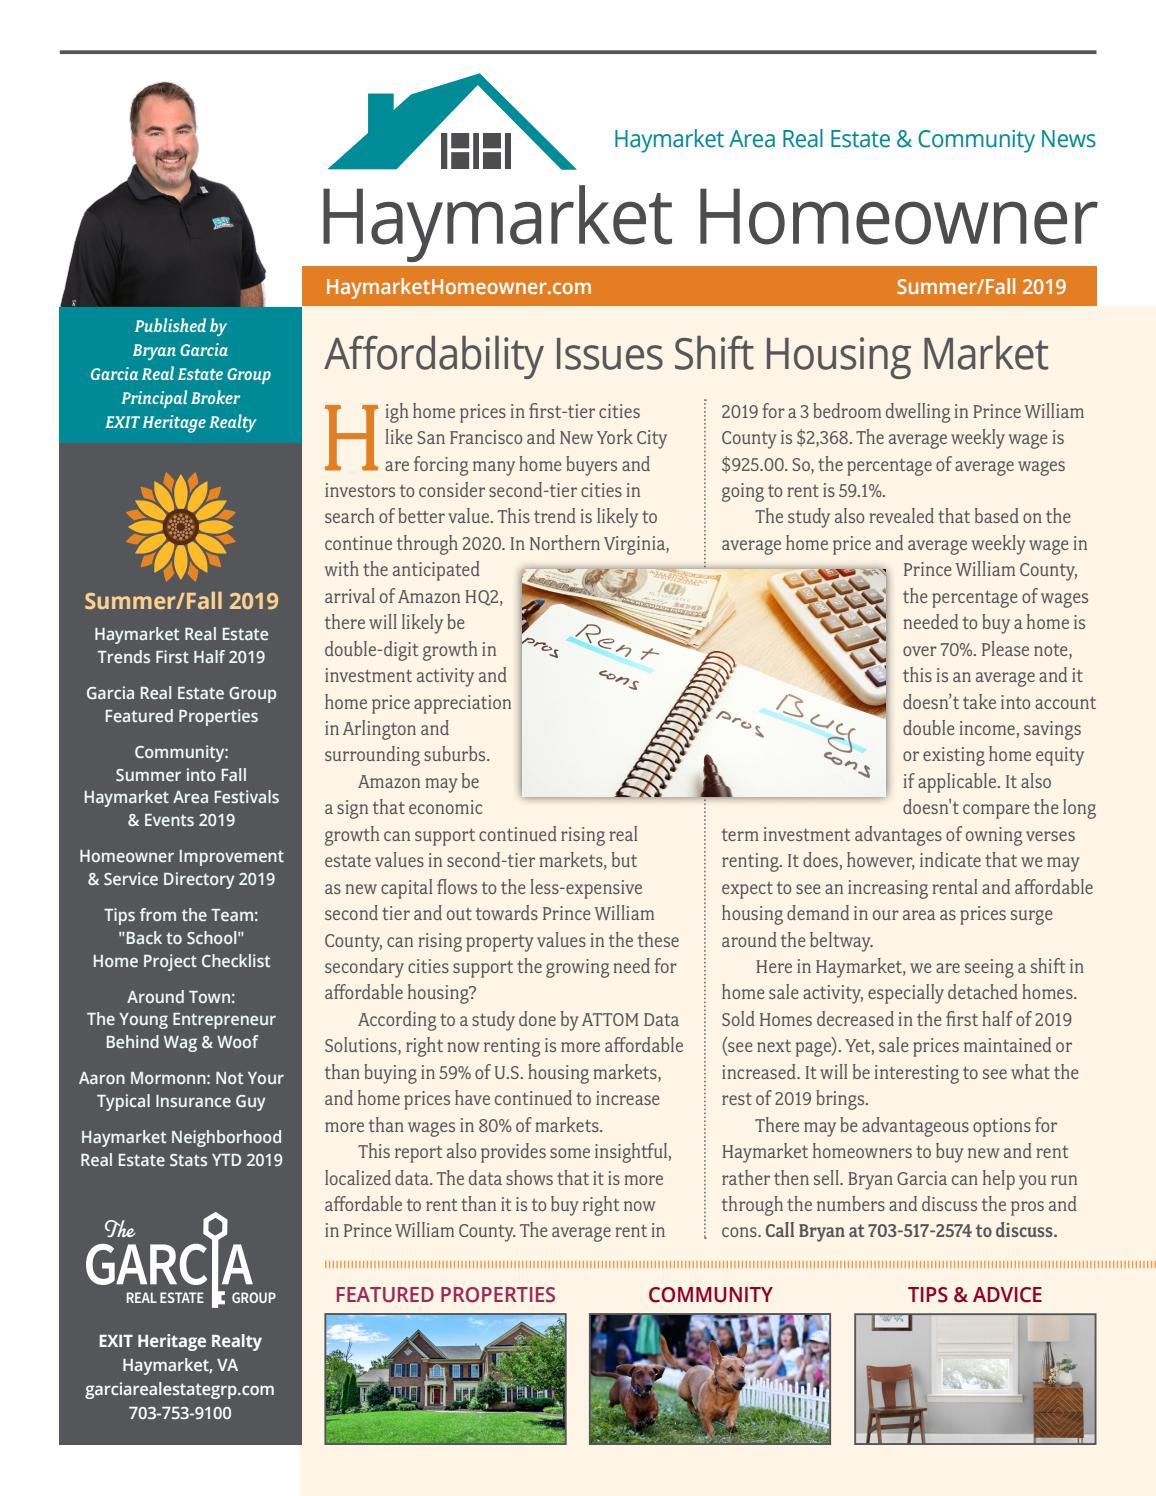 Haymarket Homeowner Summer/Fall 2019